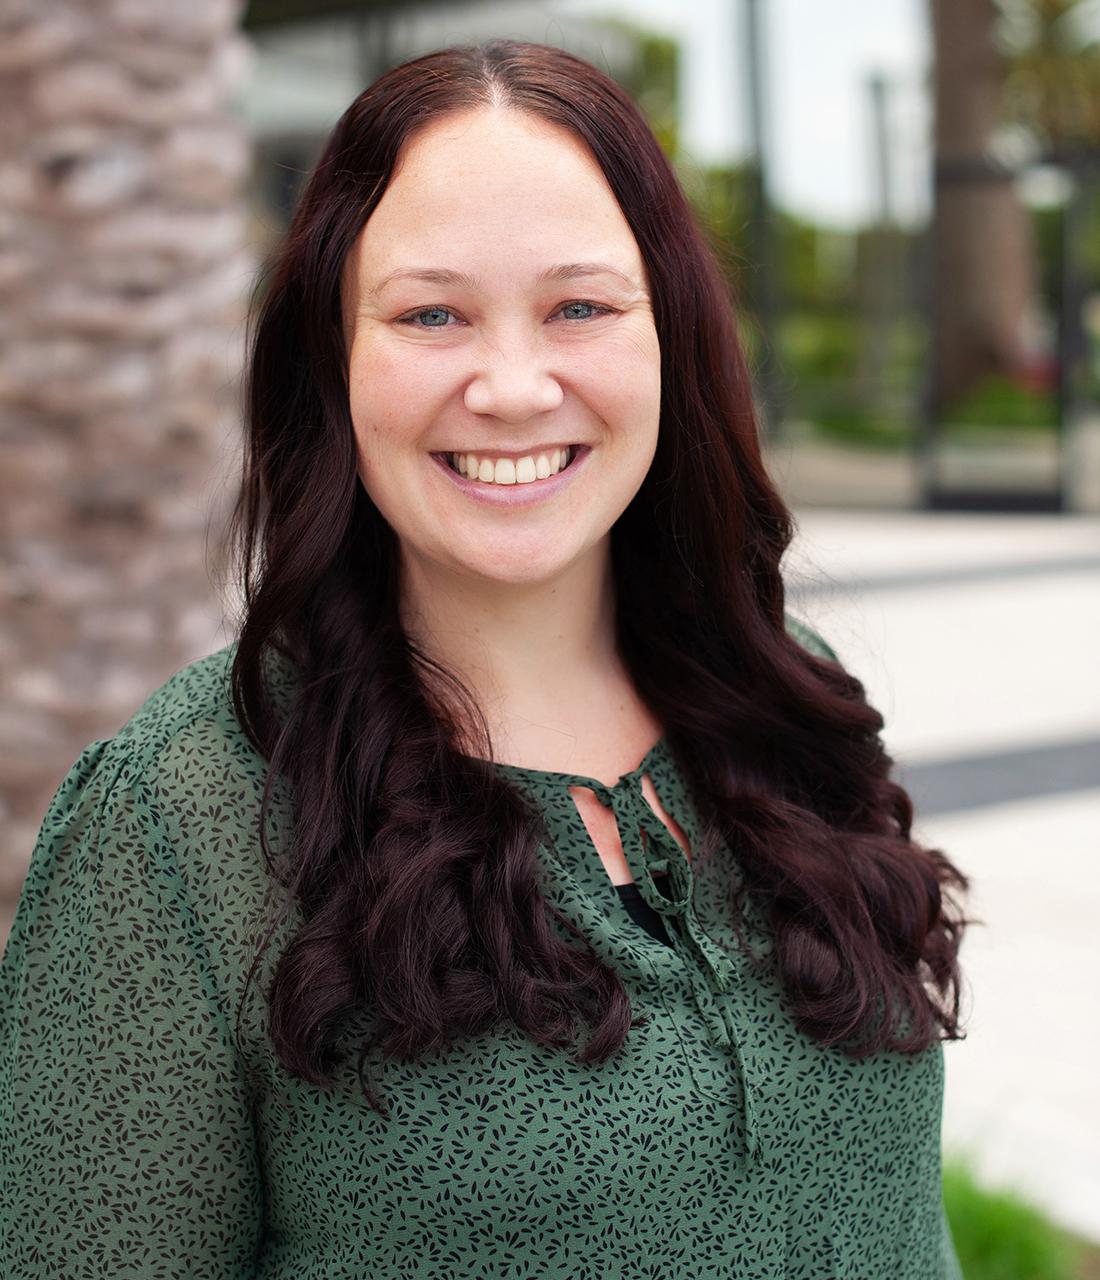 Nicole Harriman